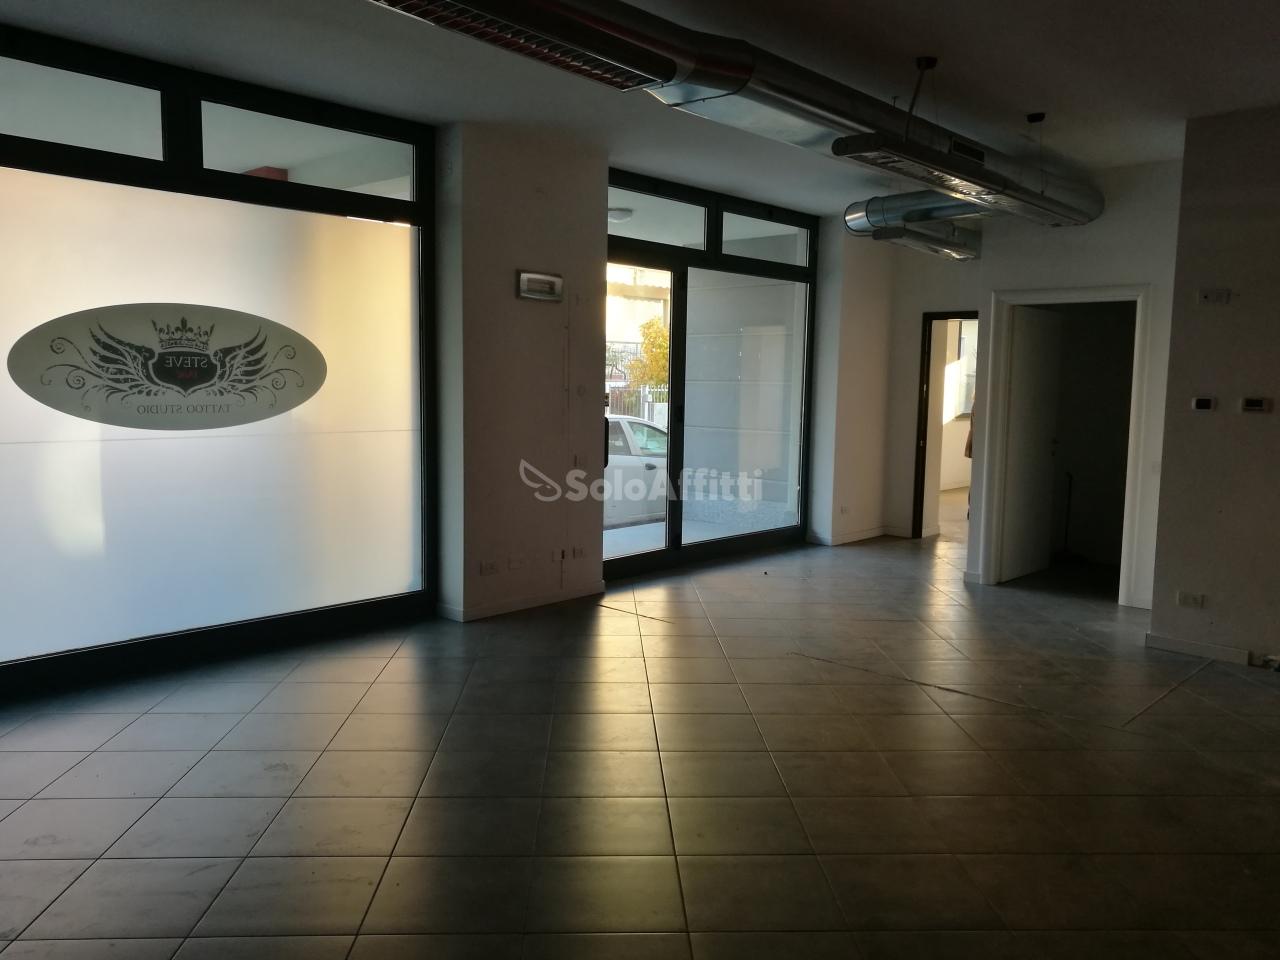 Fondo/negozio - 2 vetrine/luci a Caronno Pertusella